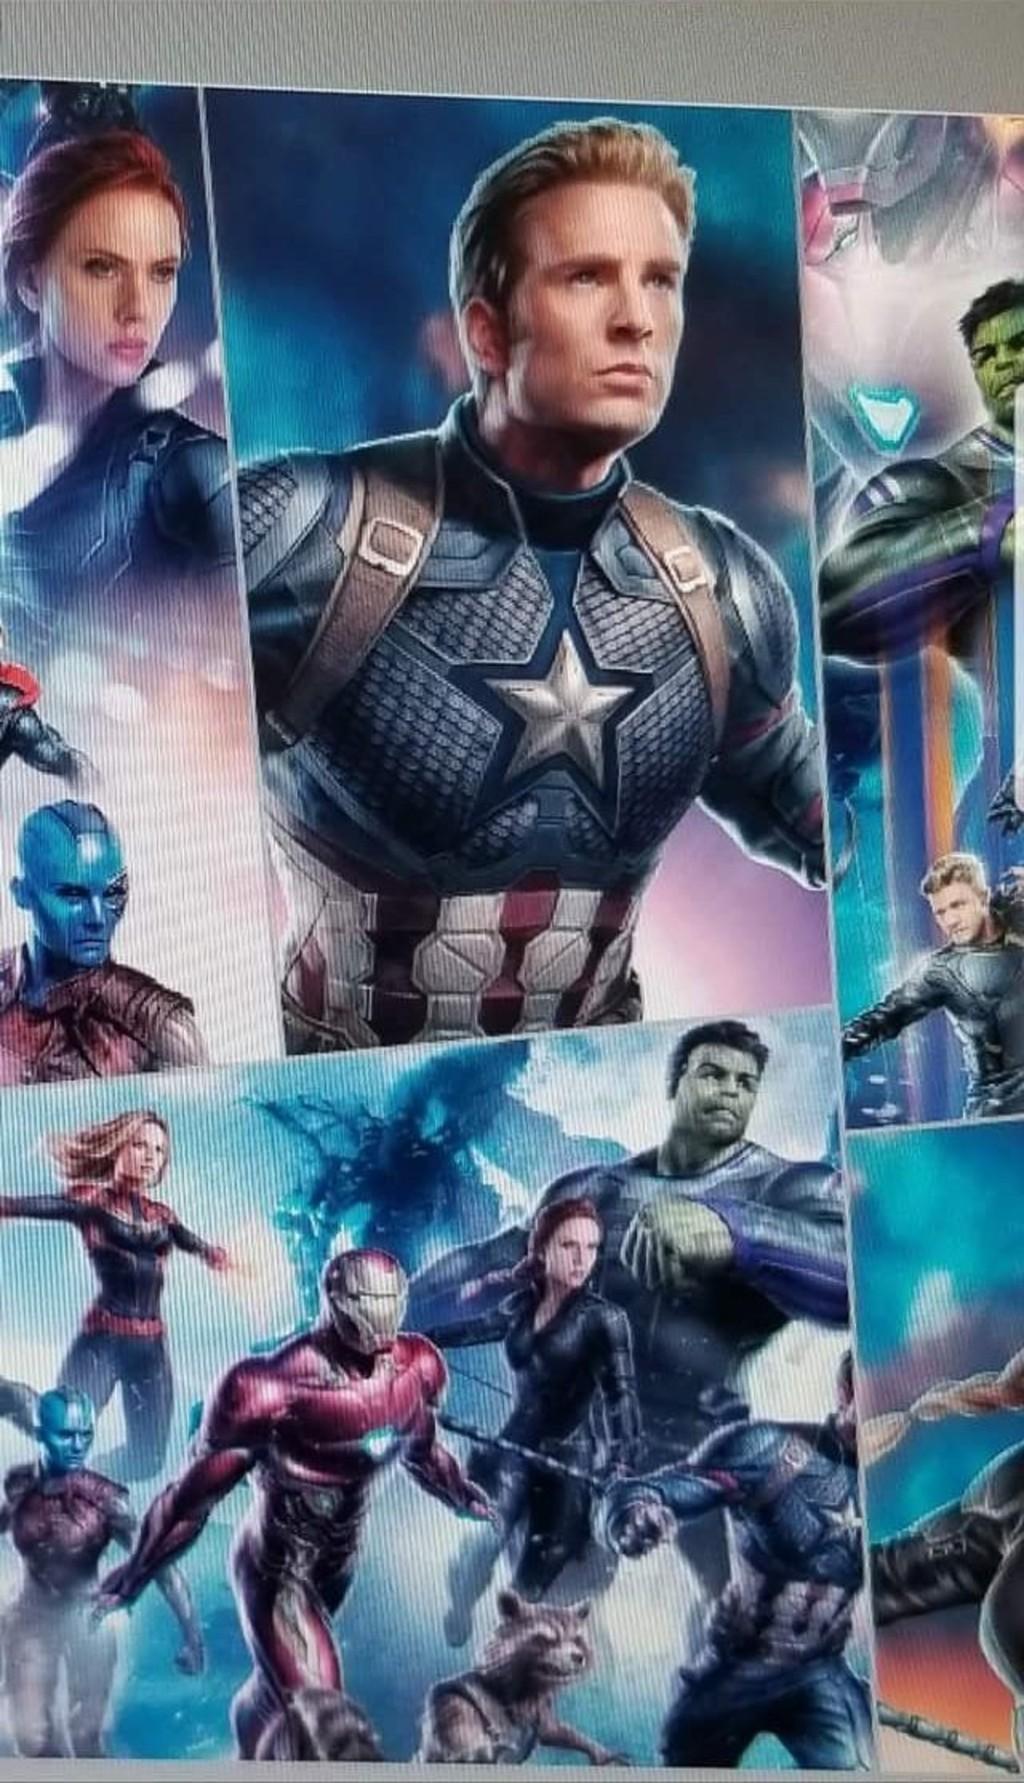 《復仇者4》全新概念圖曝光!驚奇隊長出招畫面、美國隊長鬍子引疑點